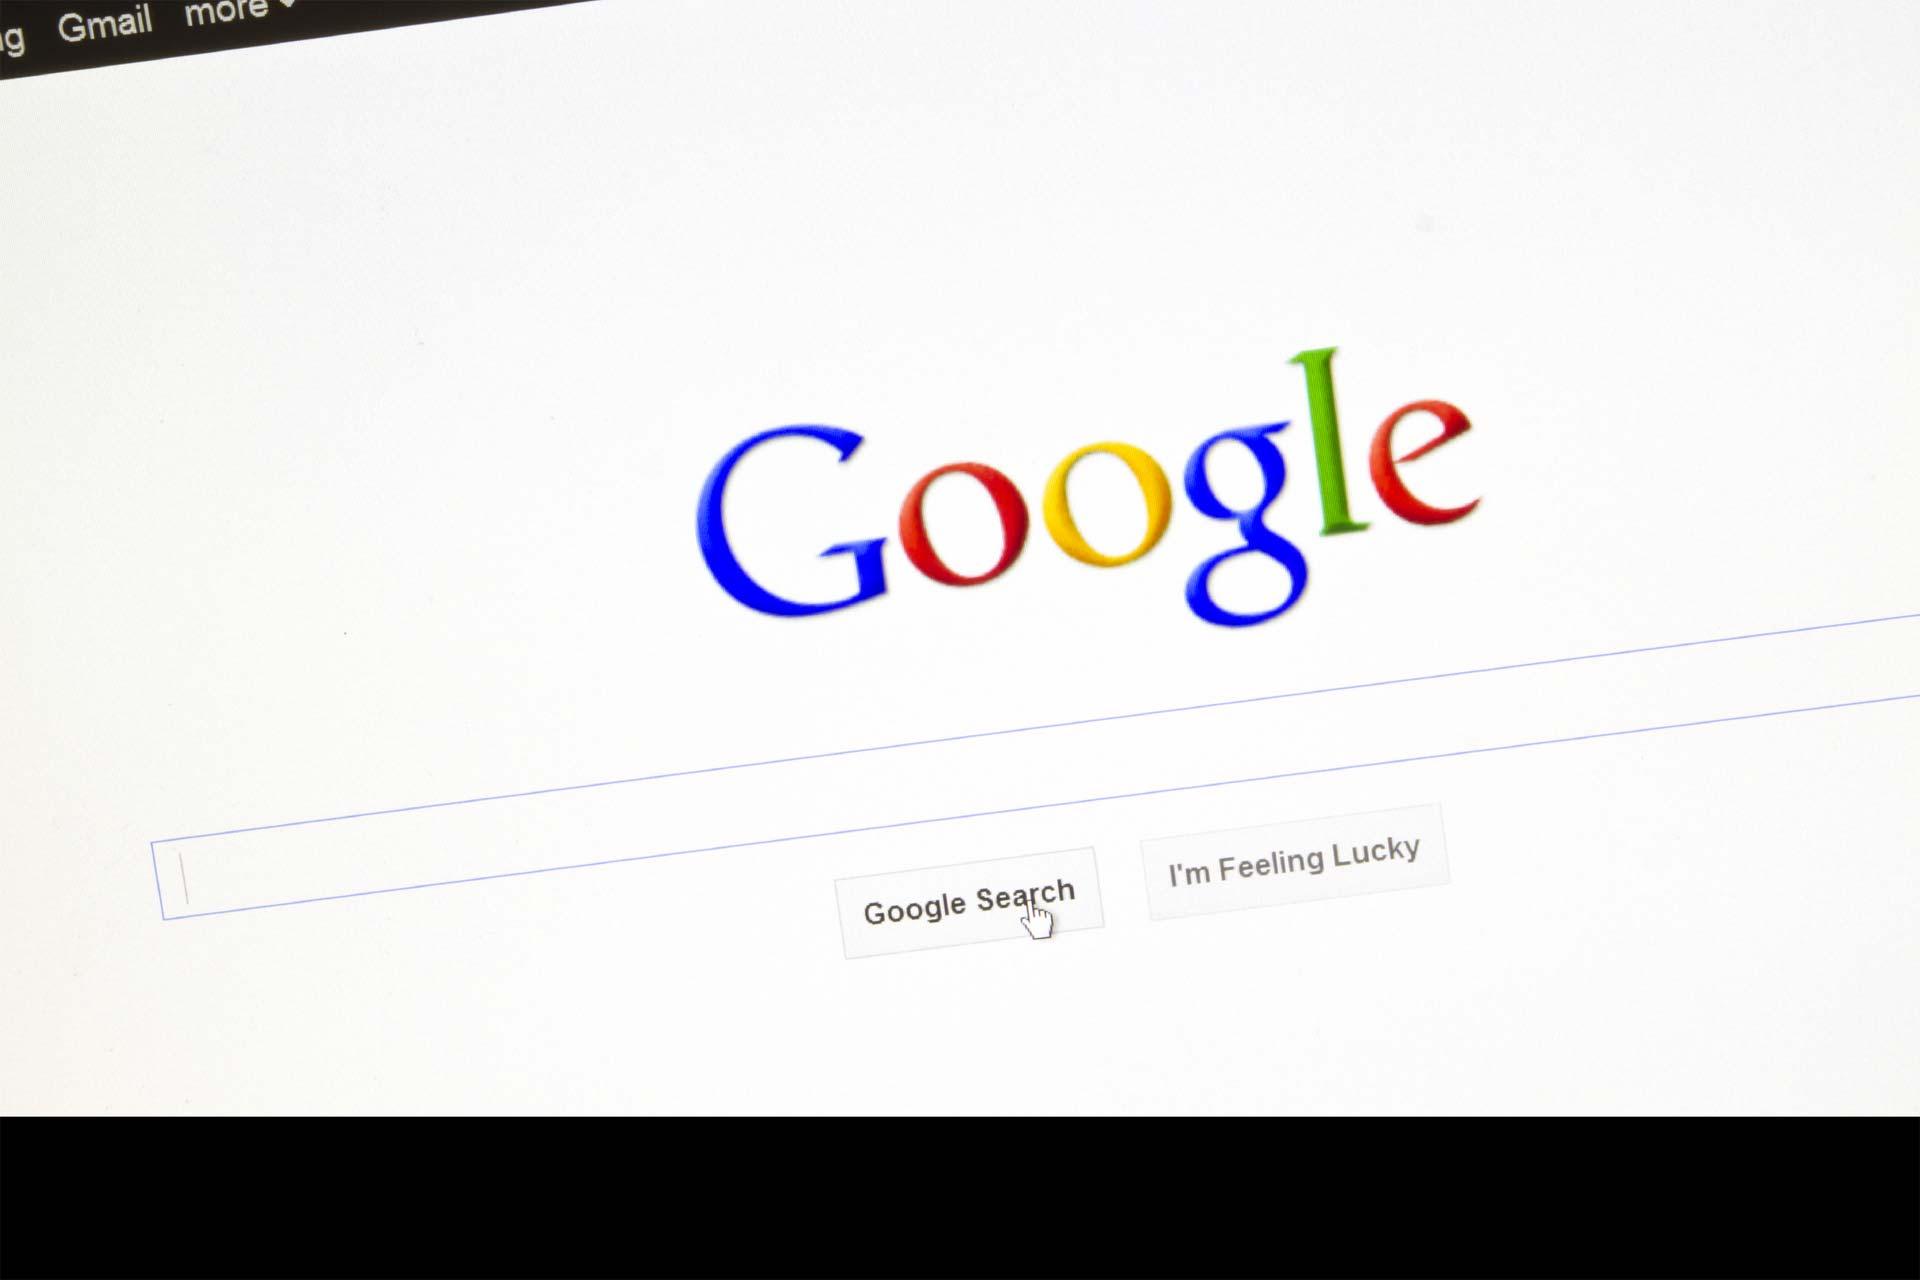 Fue dueño de Google.com por unos minutos